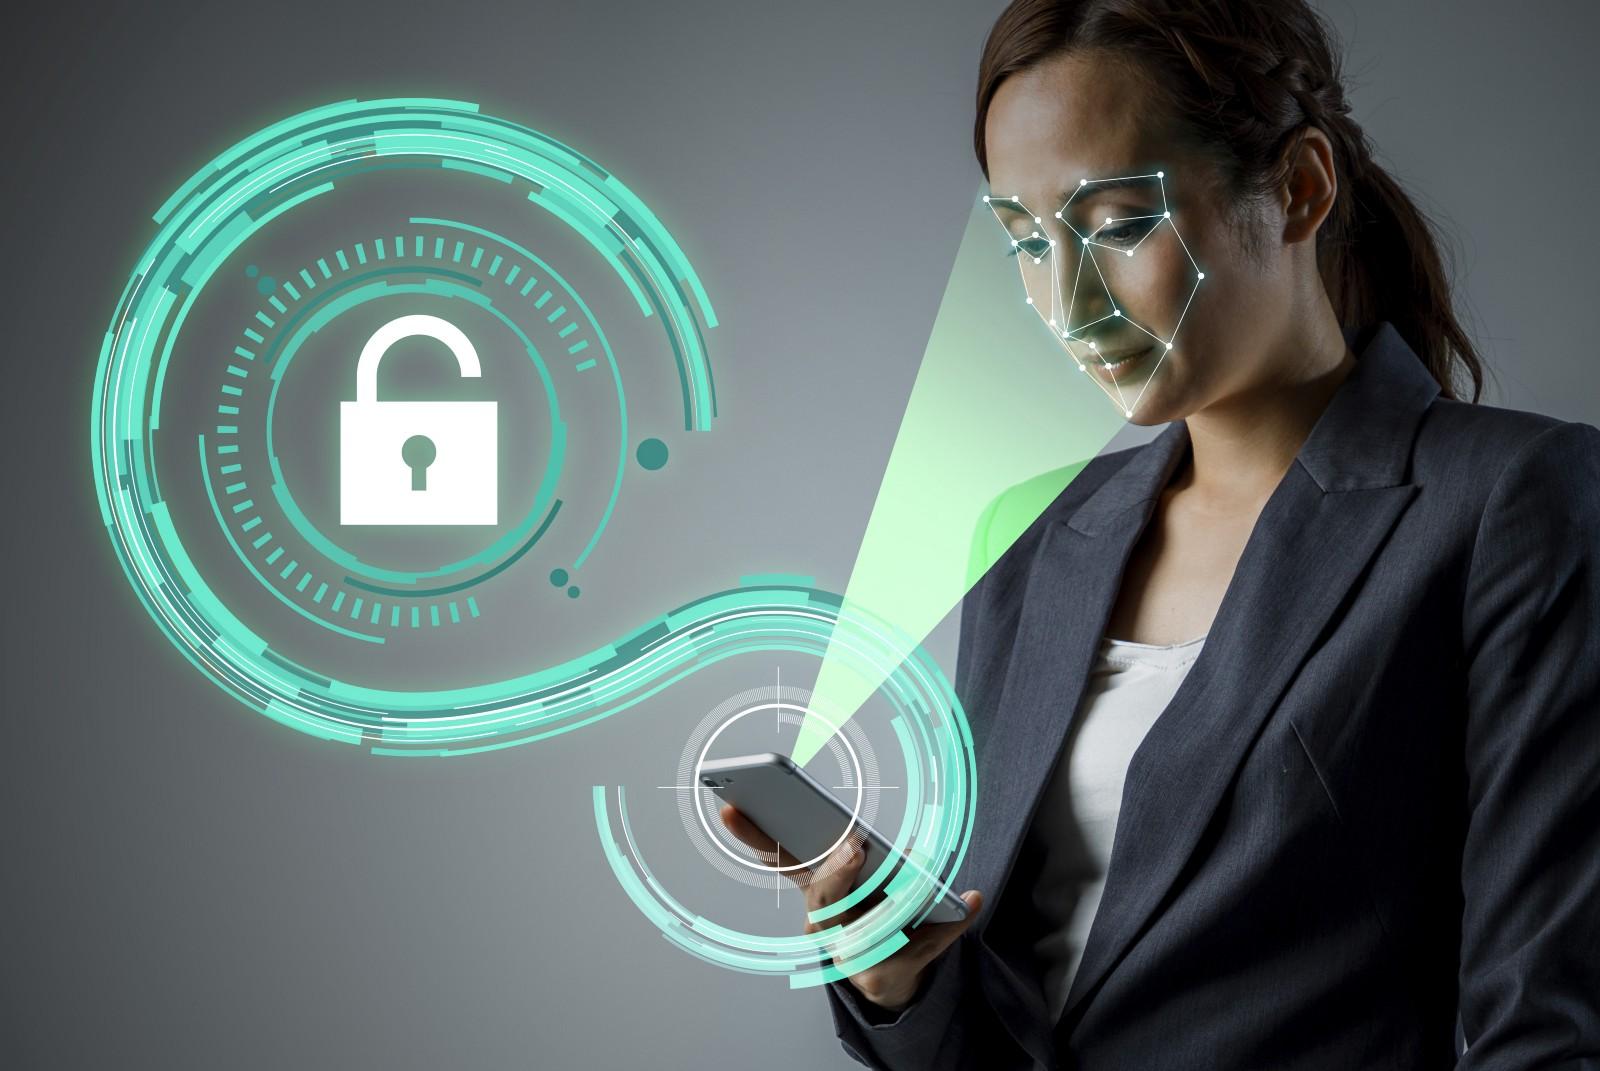 Распознавание лиц в Samsung Galaxy S10 можно легко обмануть